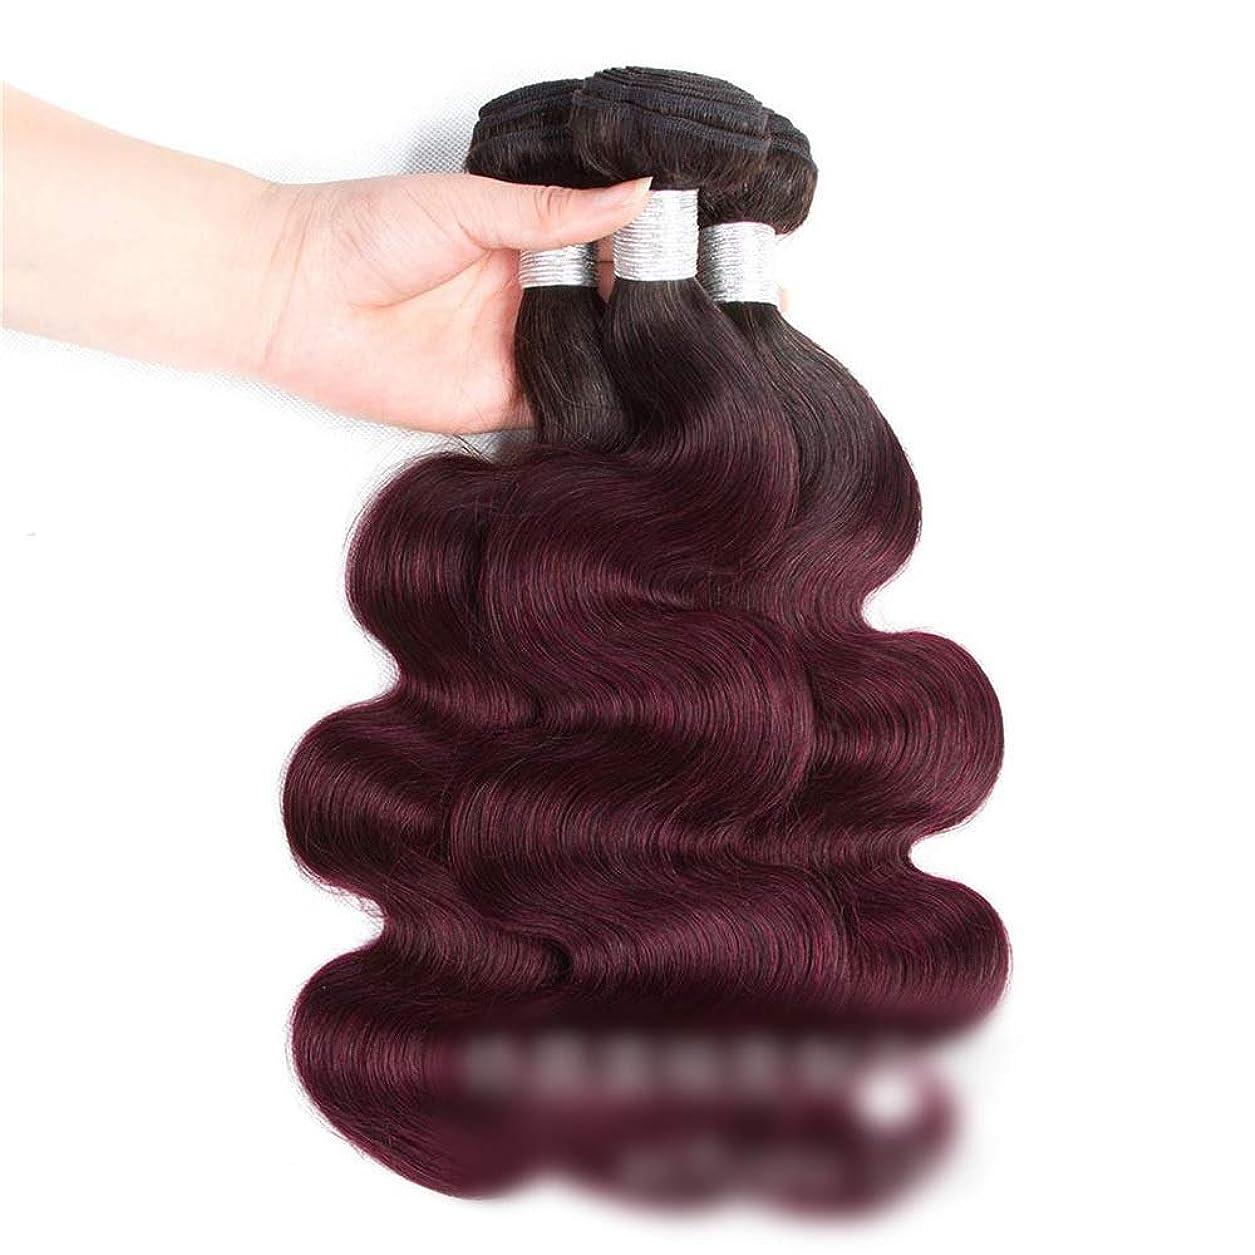 スパーク類似性置換YESONEEP ワインレッドの人間の髪の毛の織りバンドルナチュラルヘアエクステンション横糸 - ボディウェーブ - 1B / 99Jワインレッド(1バンドル、100g)ロングカーリーウィッグ (色 : ワインレッド, サイズ : 22 inch)